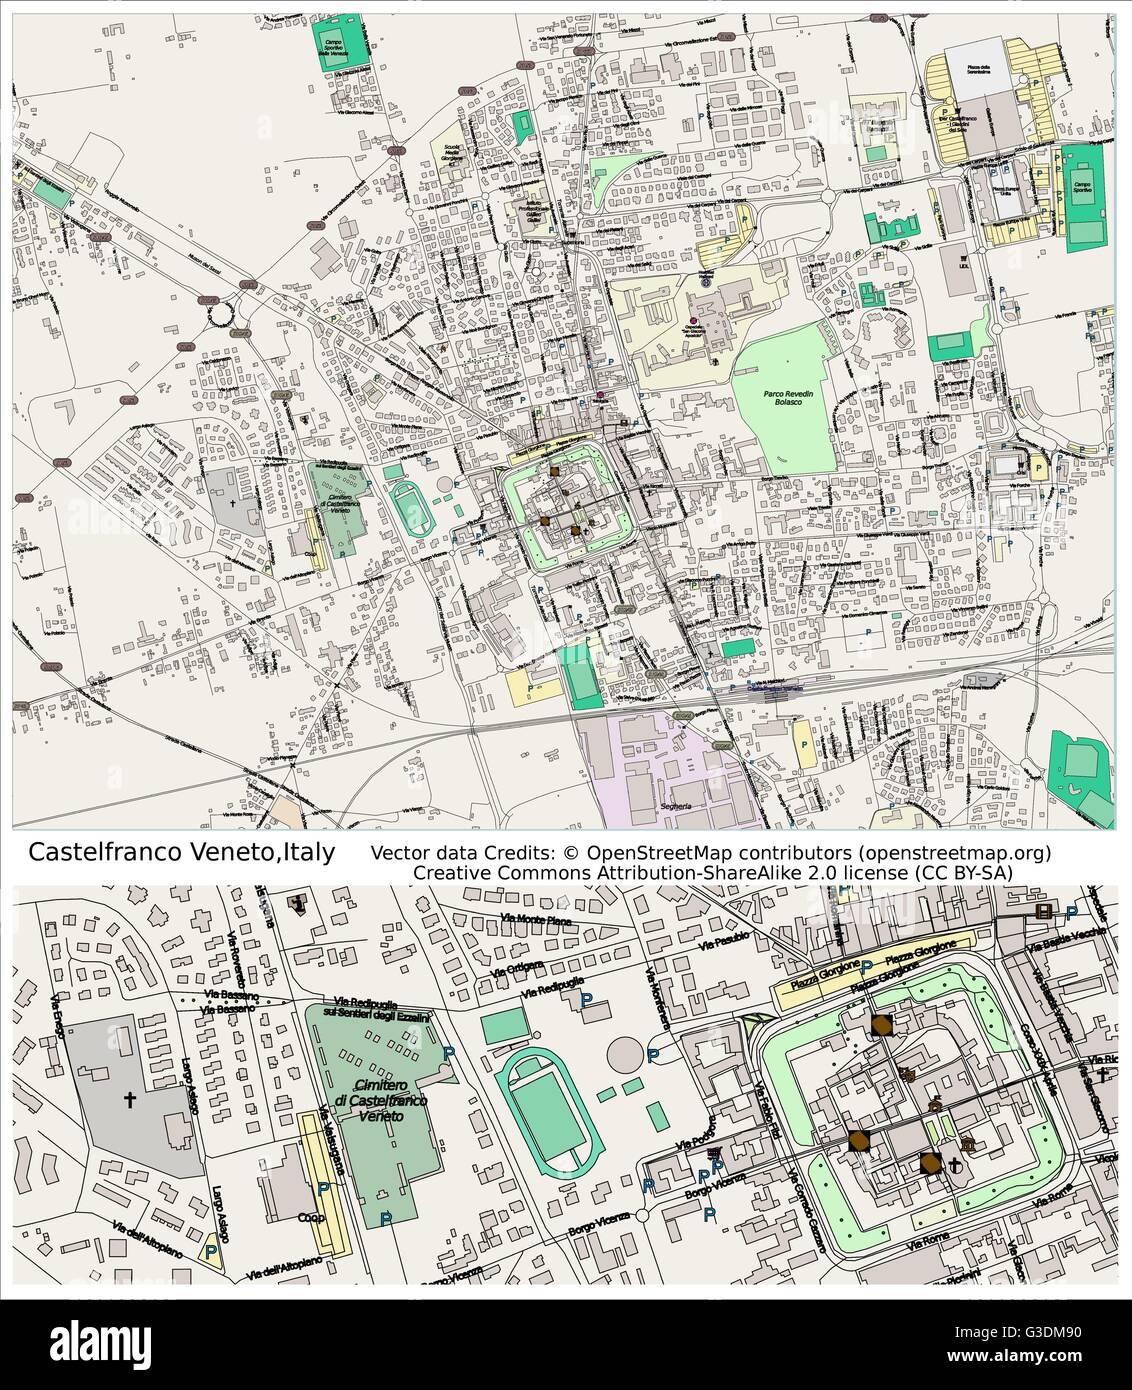 Castelfranco Veneto Stock Photos & Castelfranco Veneto ...